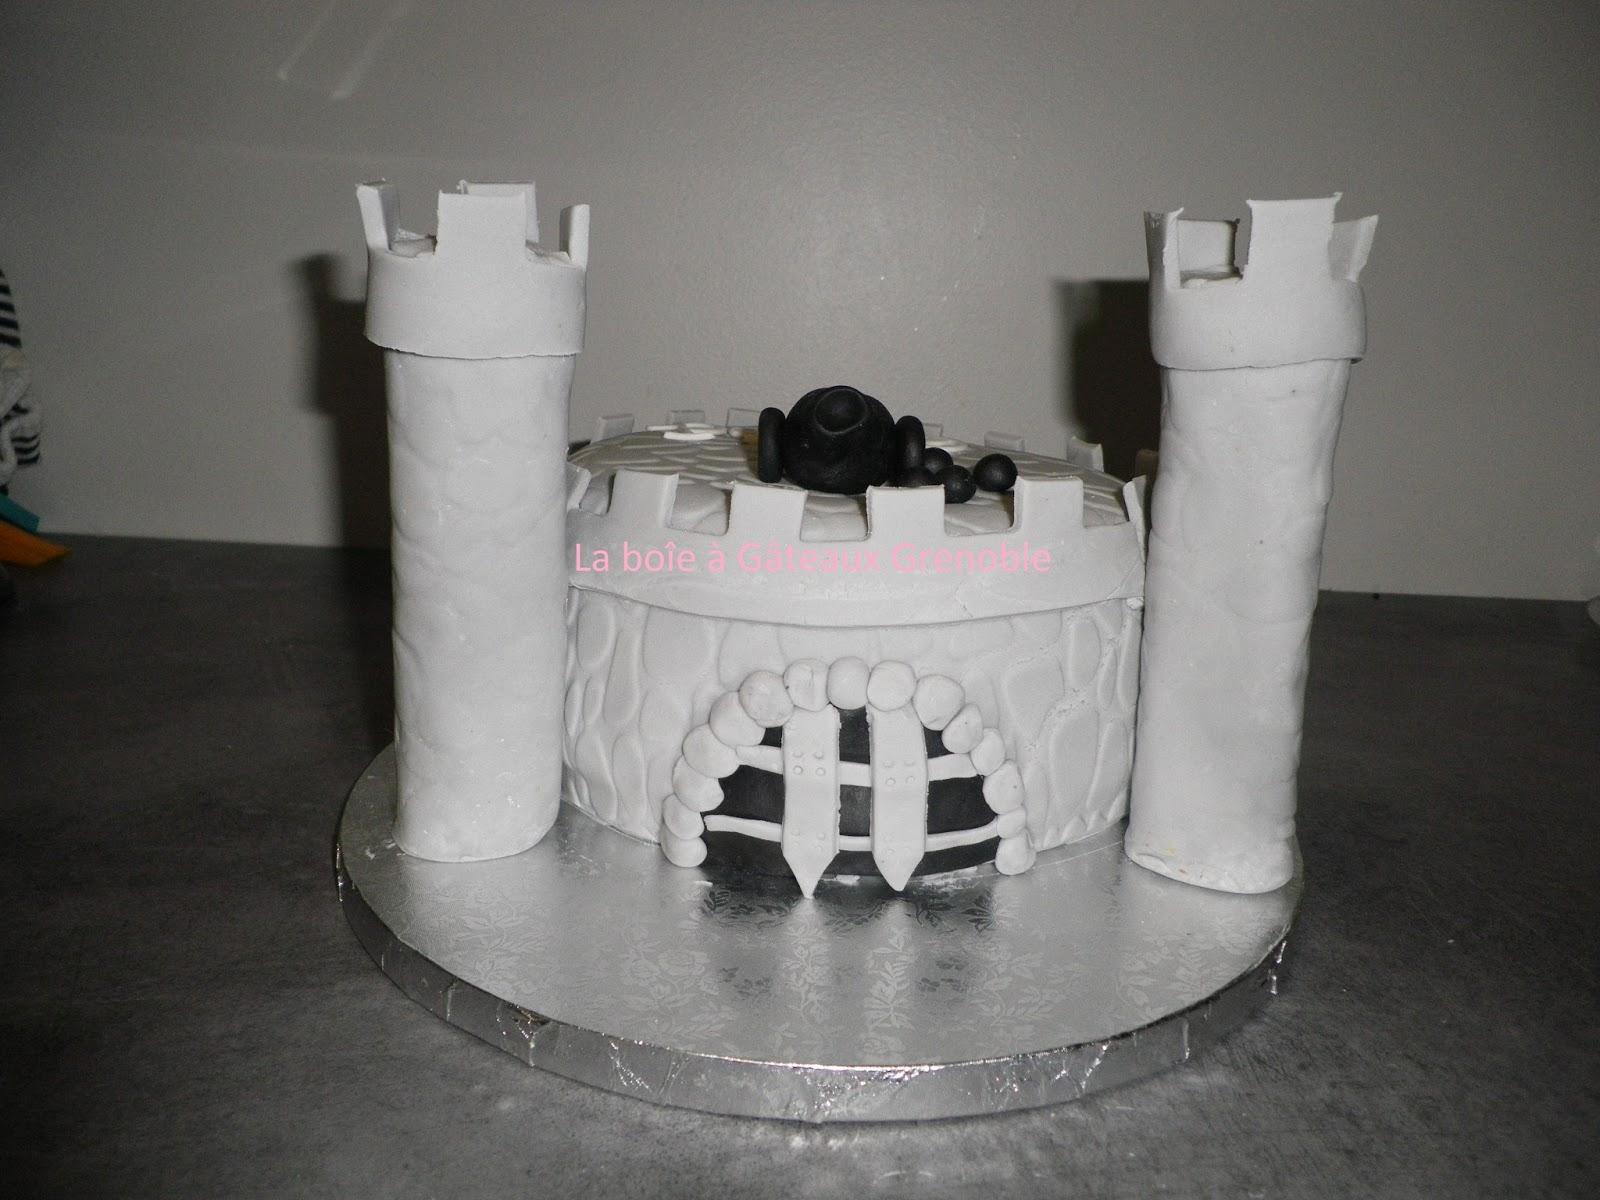 Voici un gâteau qui change des châteaux de princesse. Cest le ...